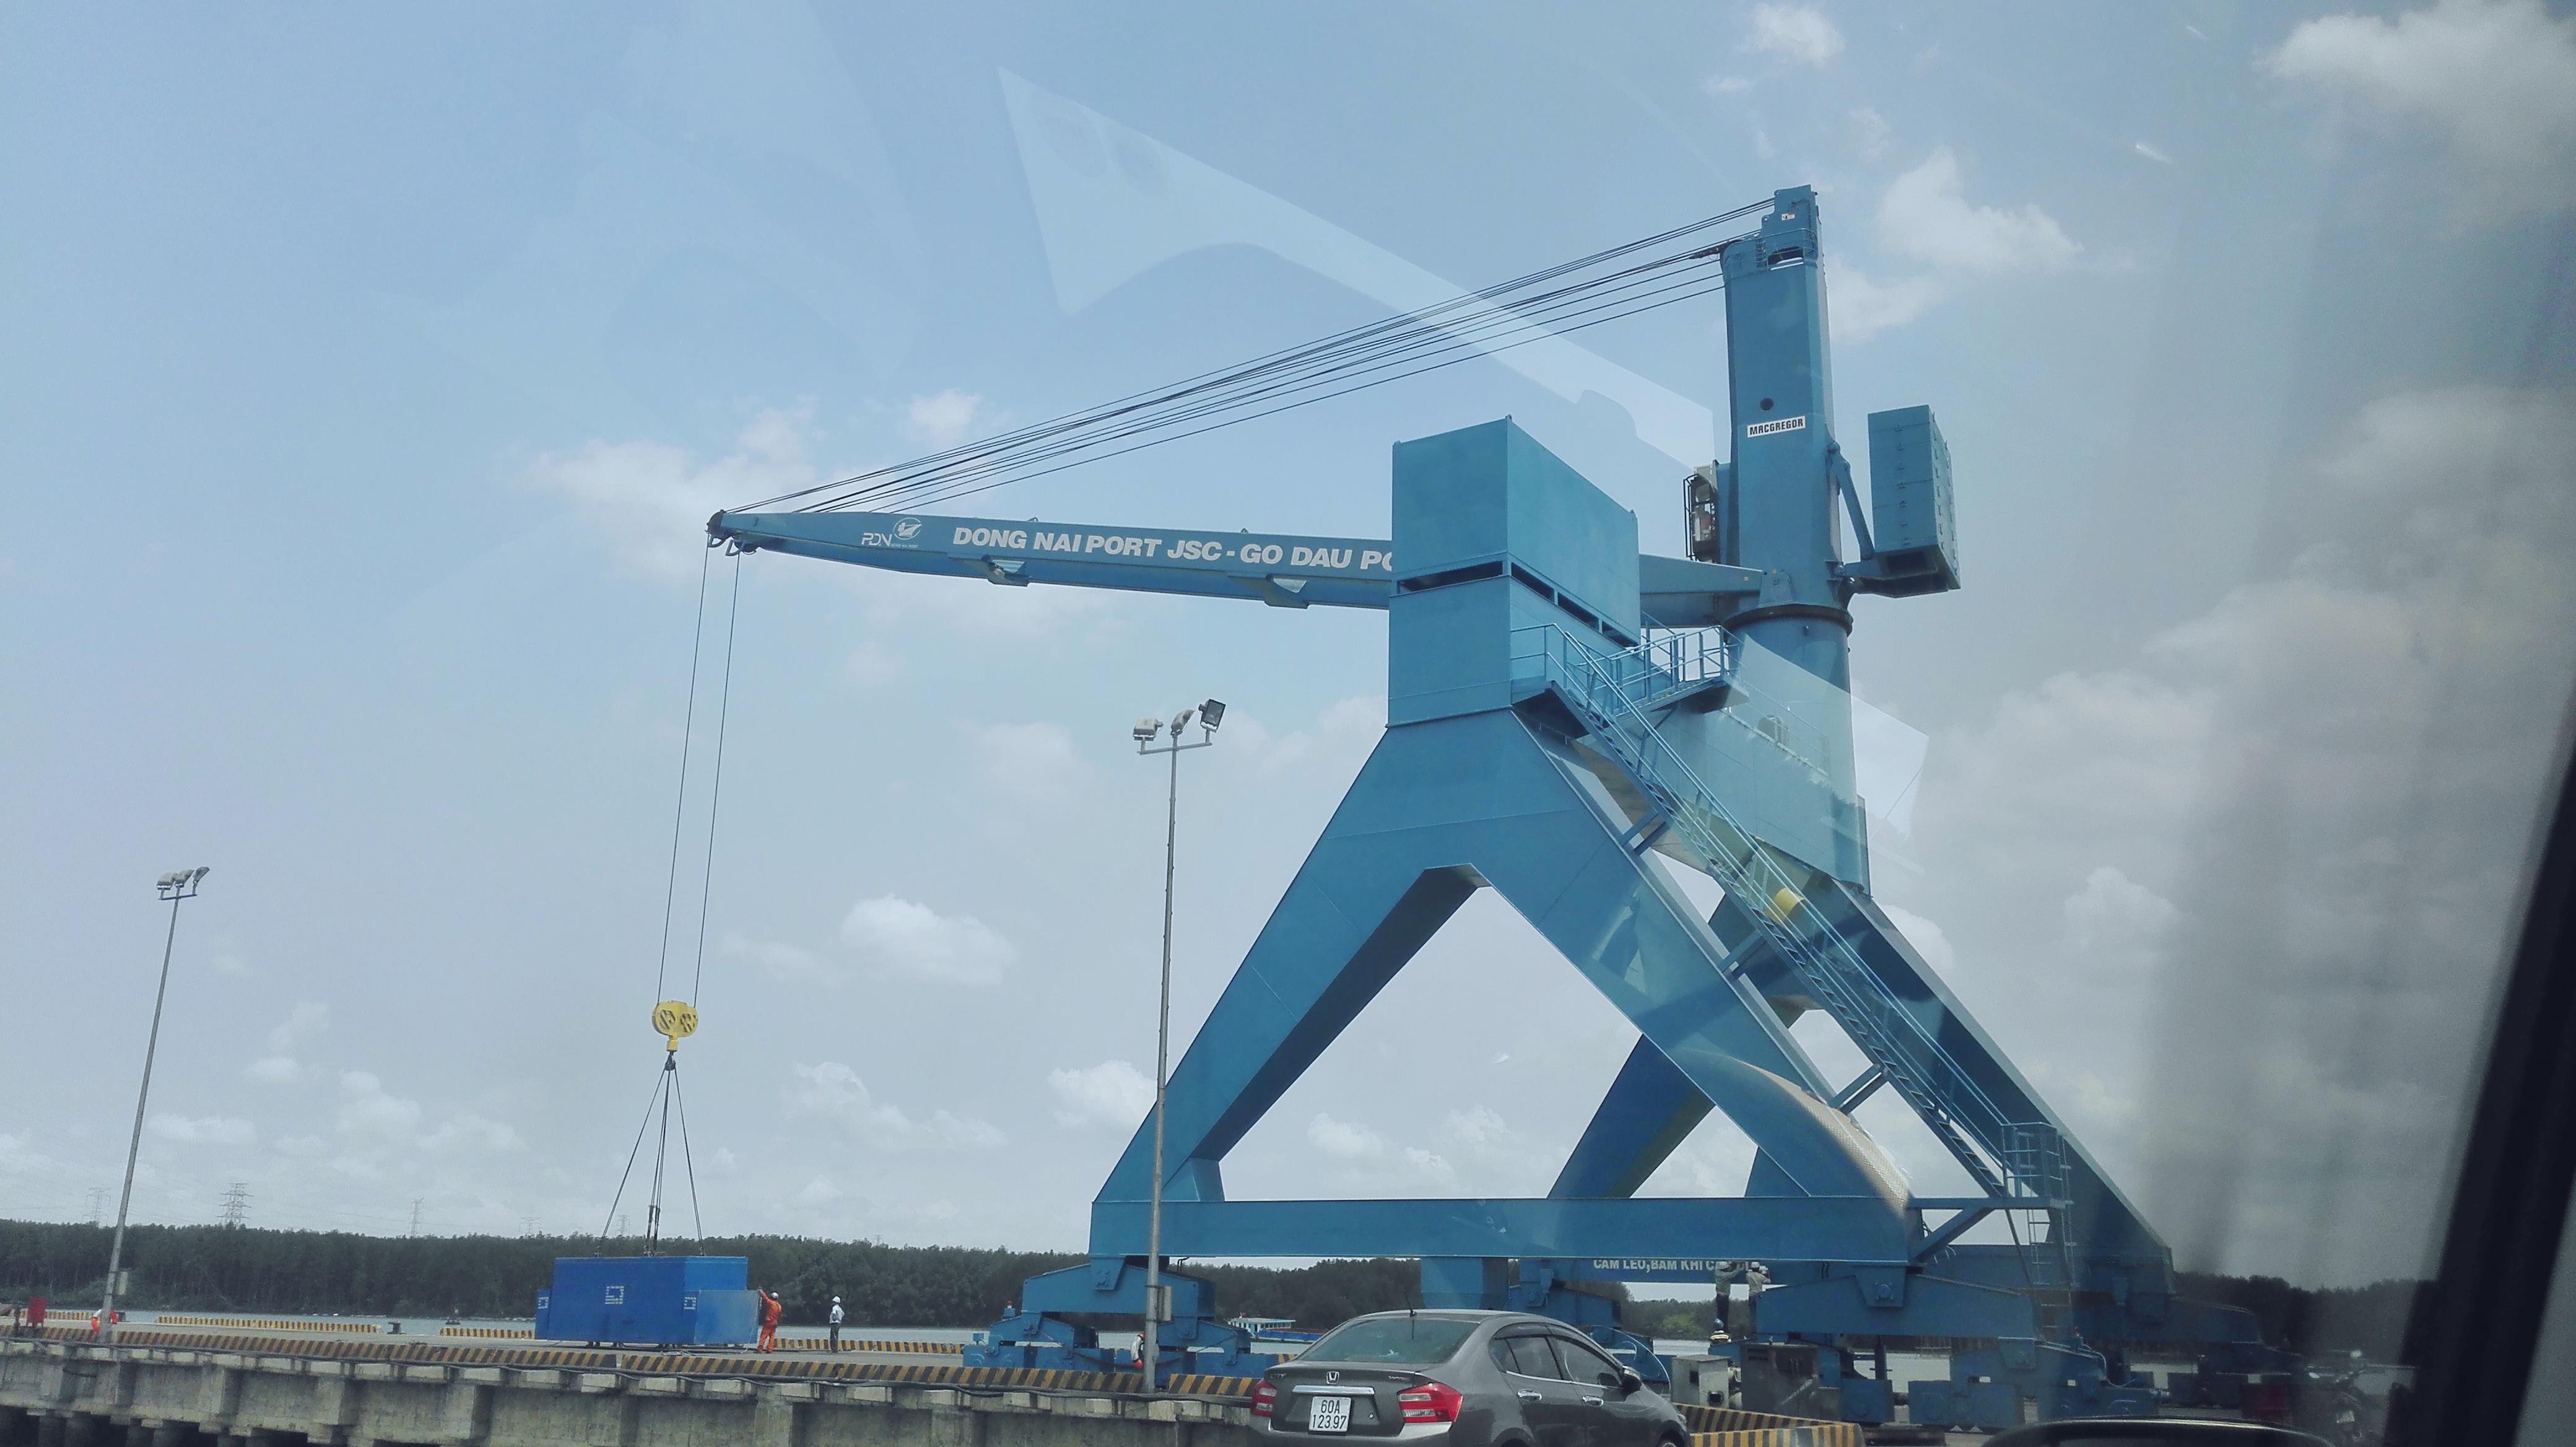 Cung cấp và lắp dựng cần cẩu MacGregor chạy trên ray cảng Gò Dầu